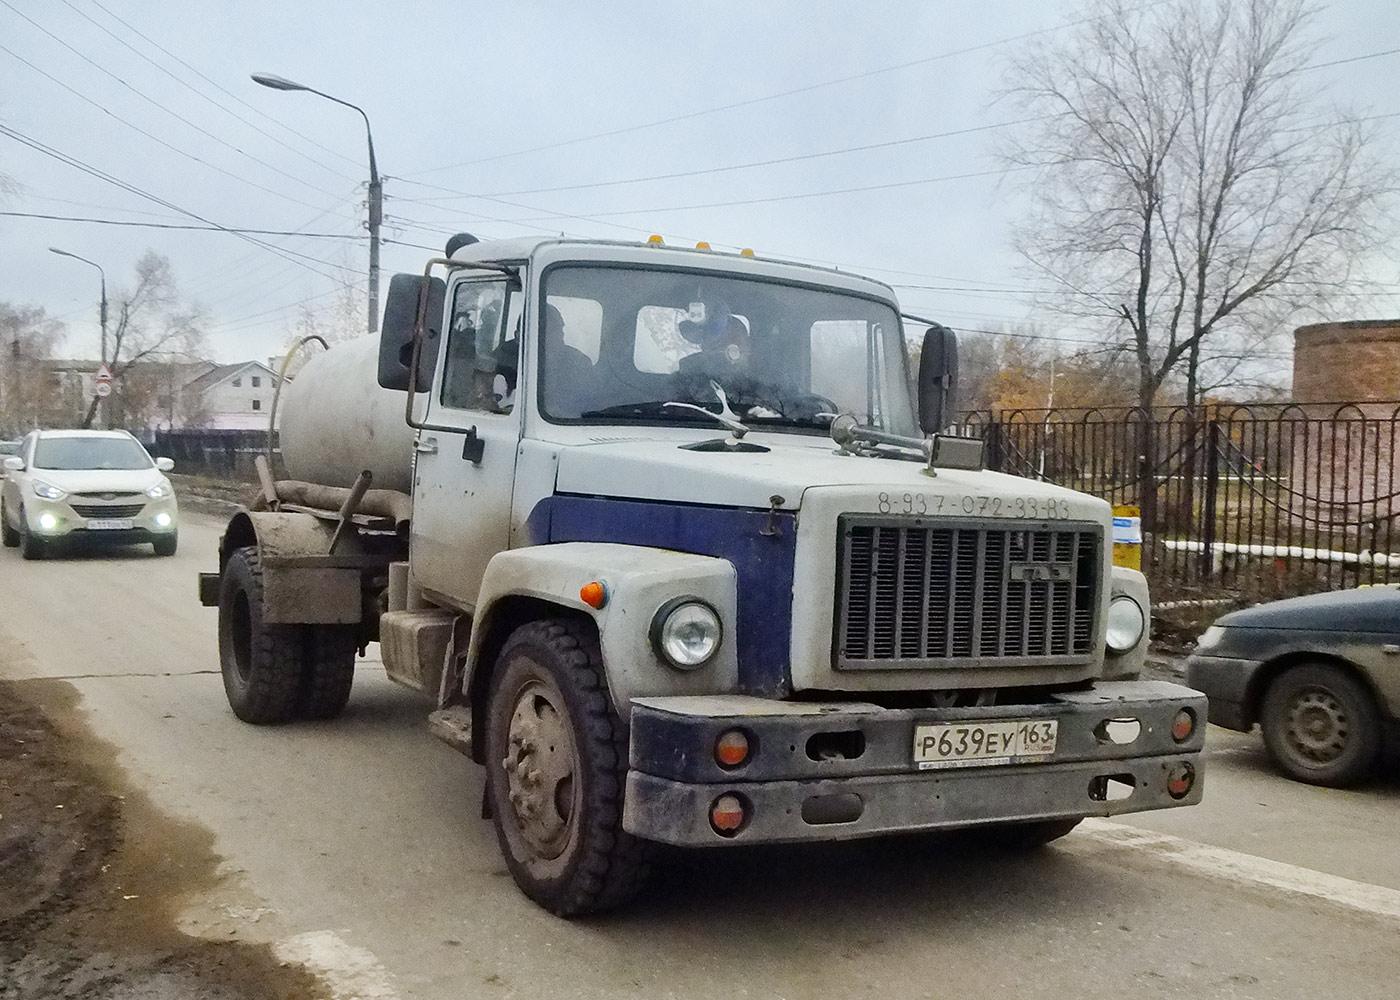 Вакуумная машина на шасси ГАЗ-3307 #Р639ЕУ163. Самарская обл., г. Кинель, ул. Чехова